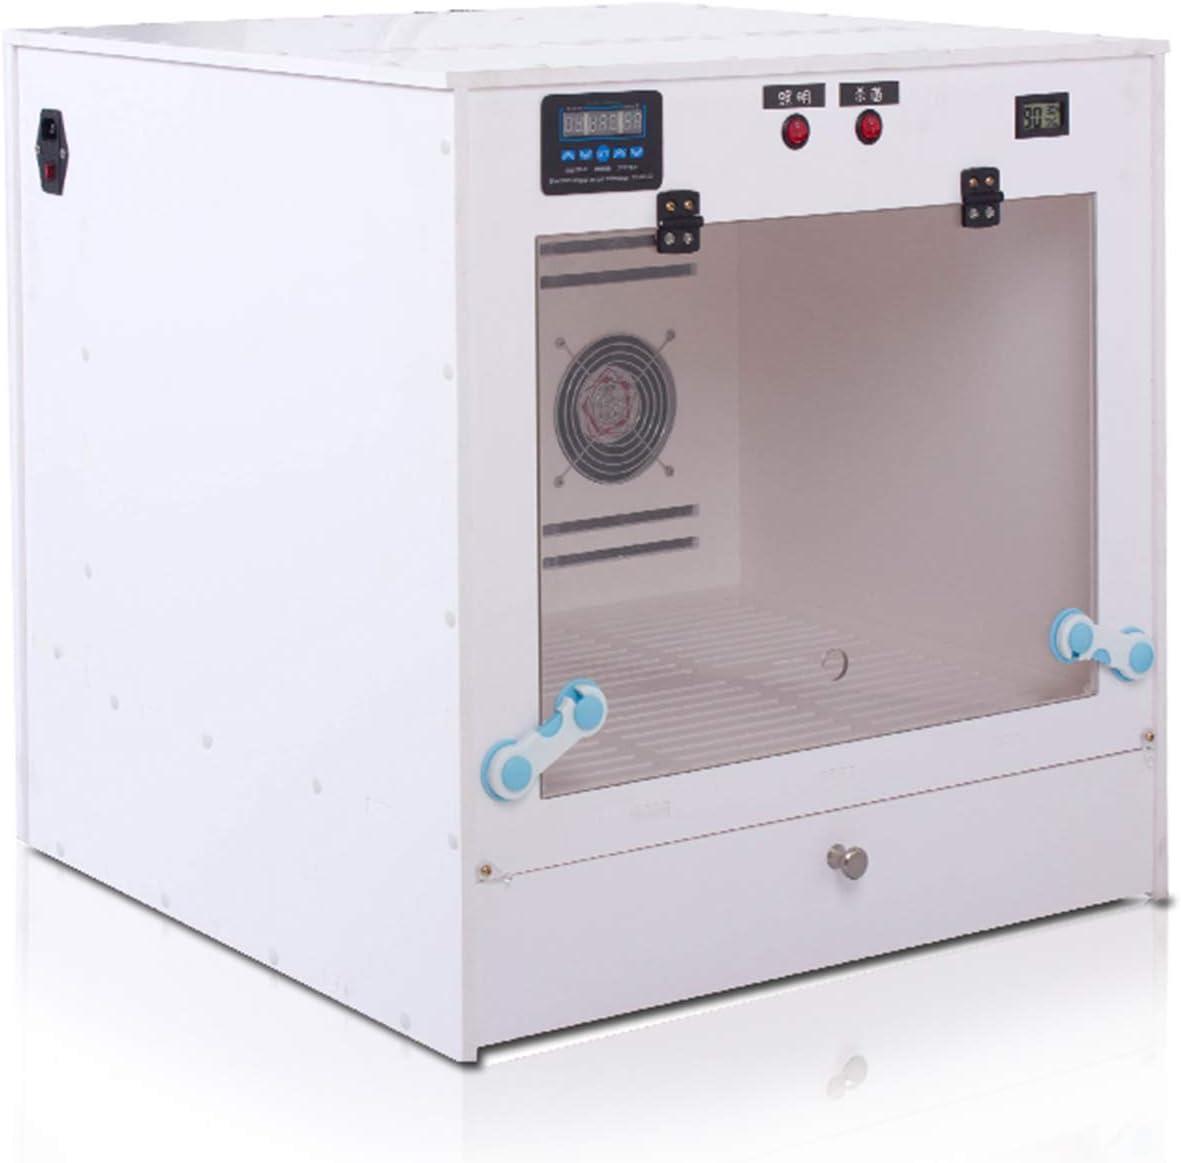 SXCWC Water Jet Caja del Animal doméstico Inteligente de Secado automático de la máquina Secadora del Pelo Grandes medianos y pequeños Perros y Gatos Universal Silencio Pequeño Gran Potencia,A